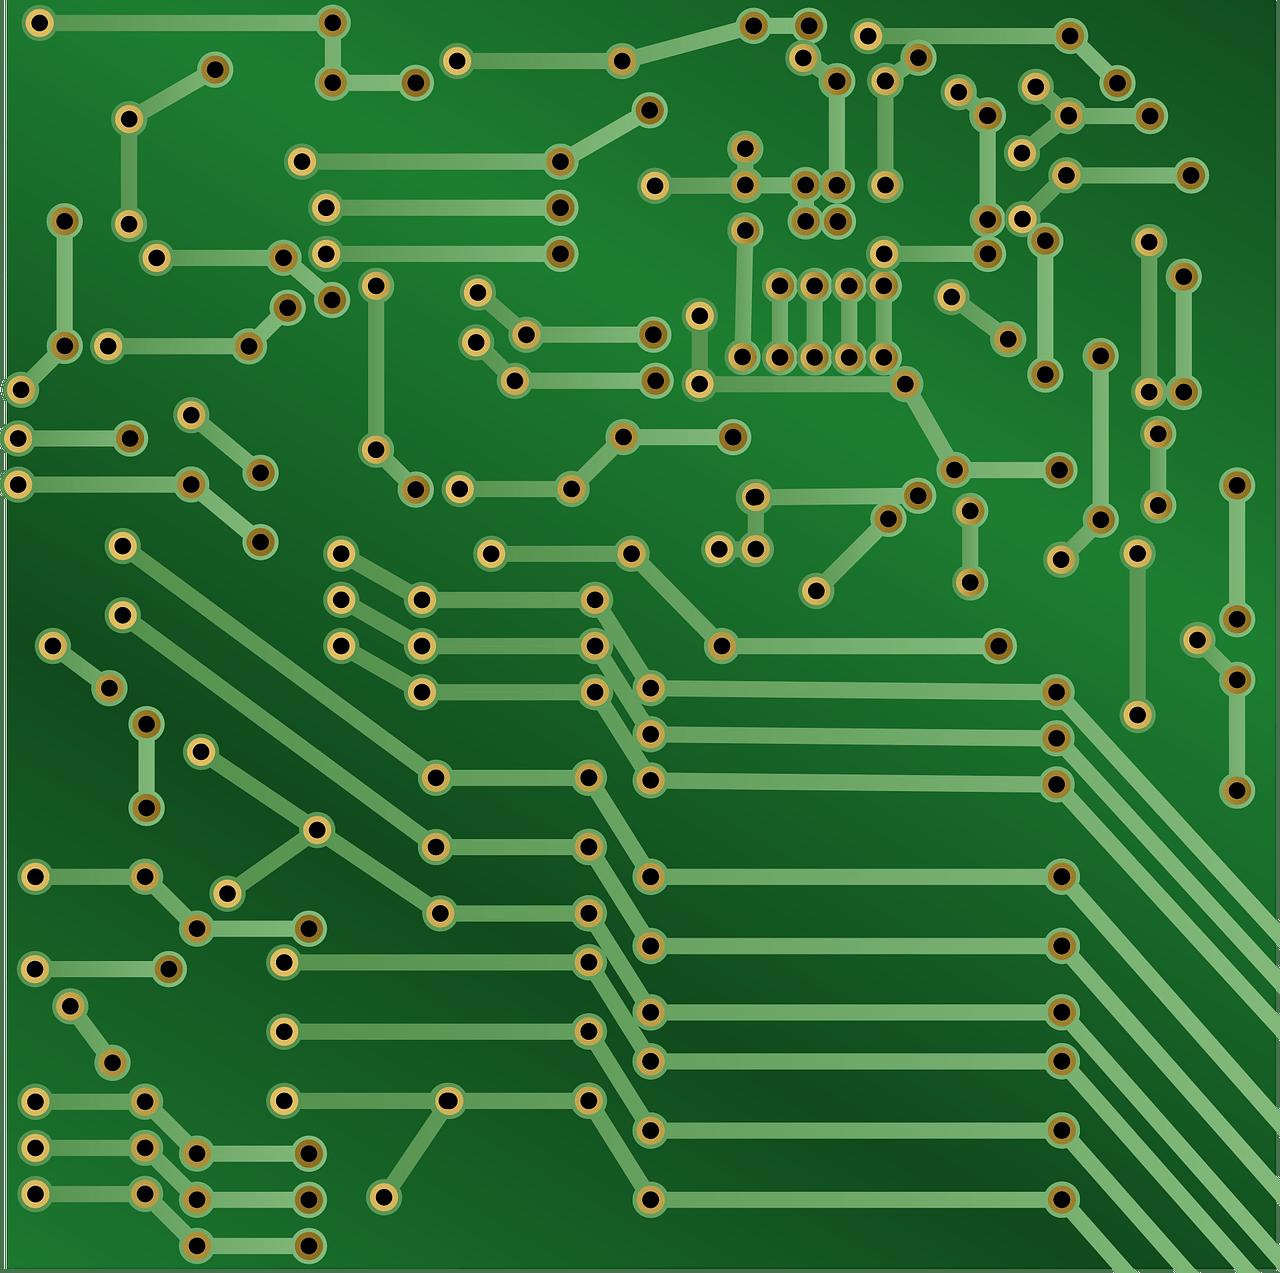 [Quimper] Initiation à l'électronique (9-15 ans) - Les Mercredis des Sciences